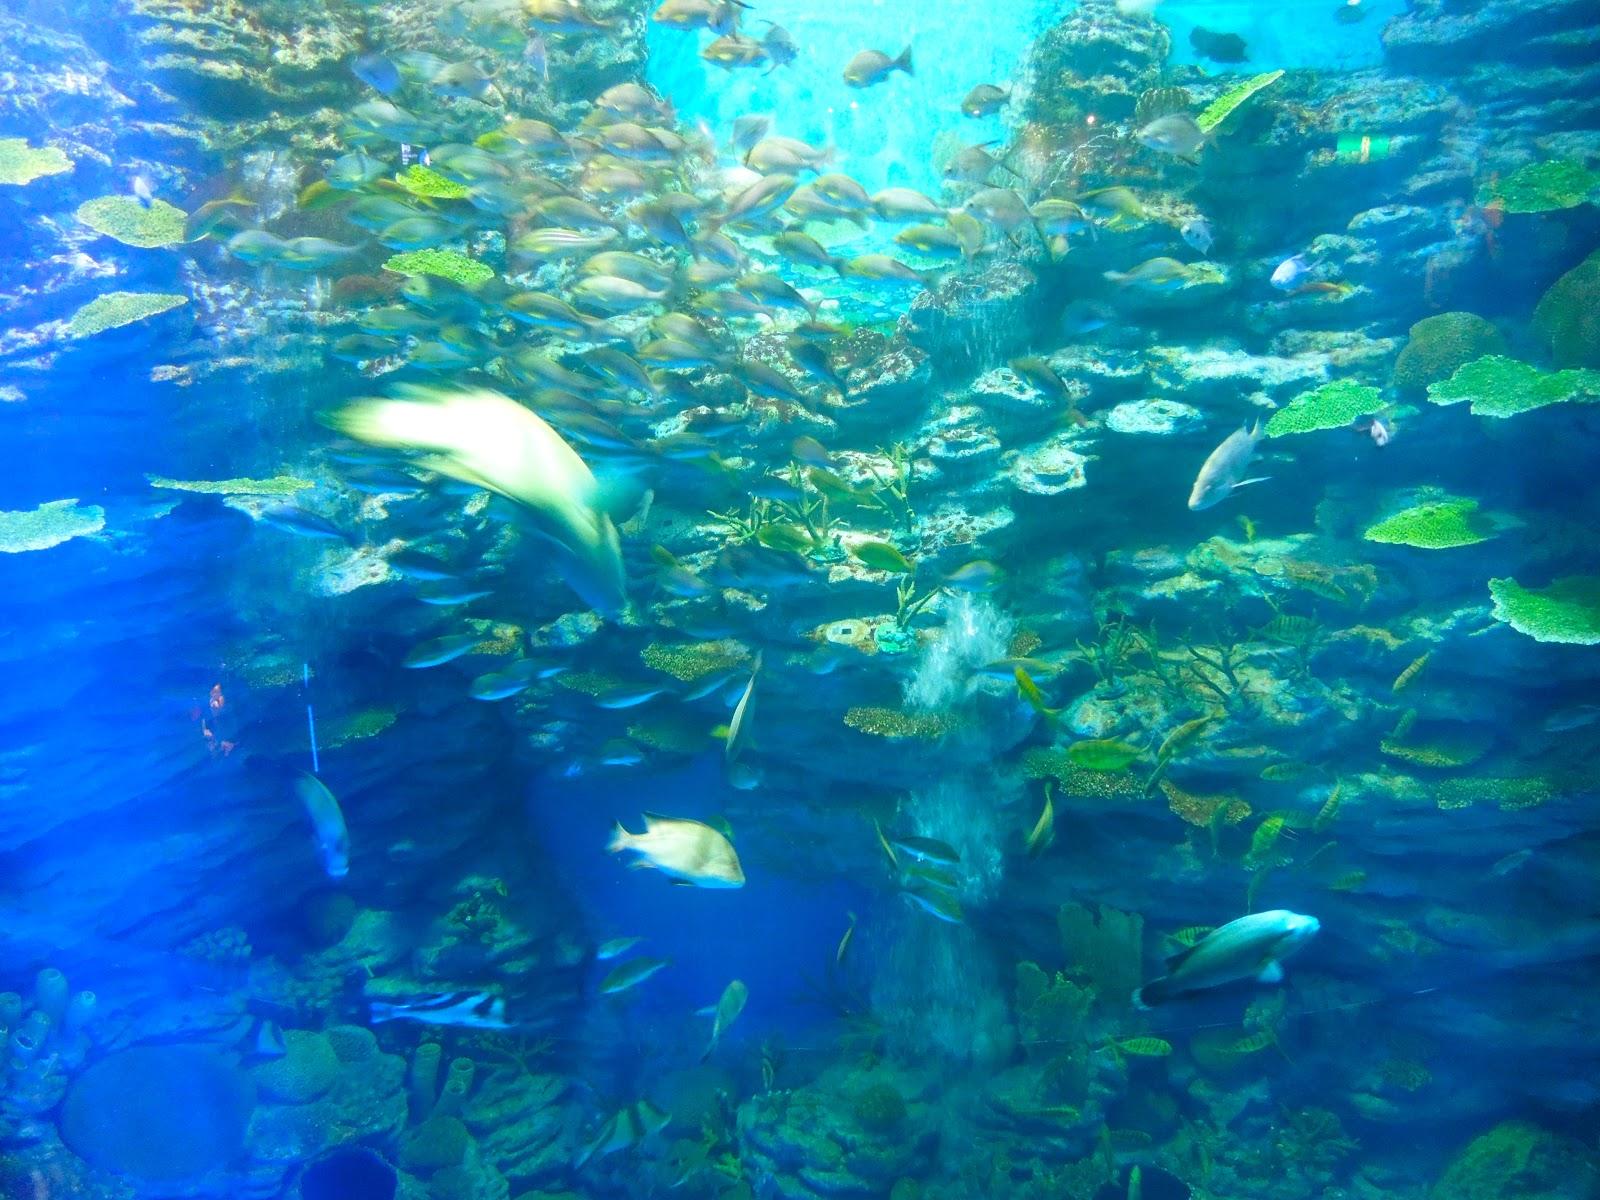 Busen Aquarium